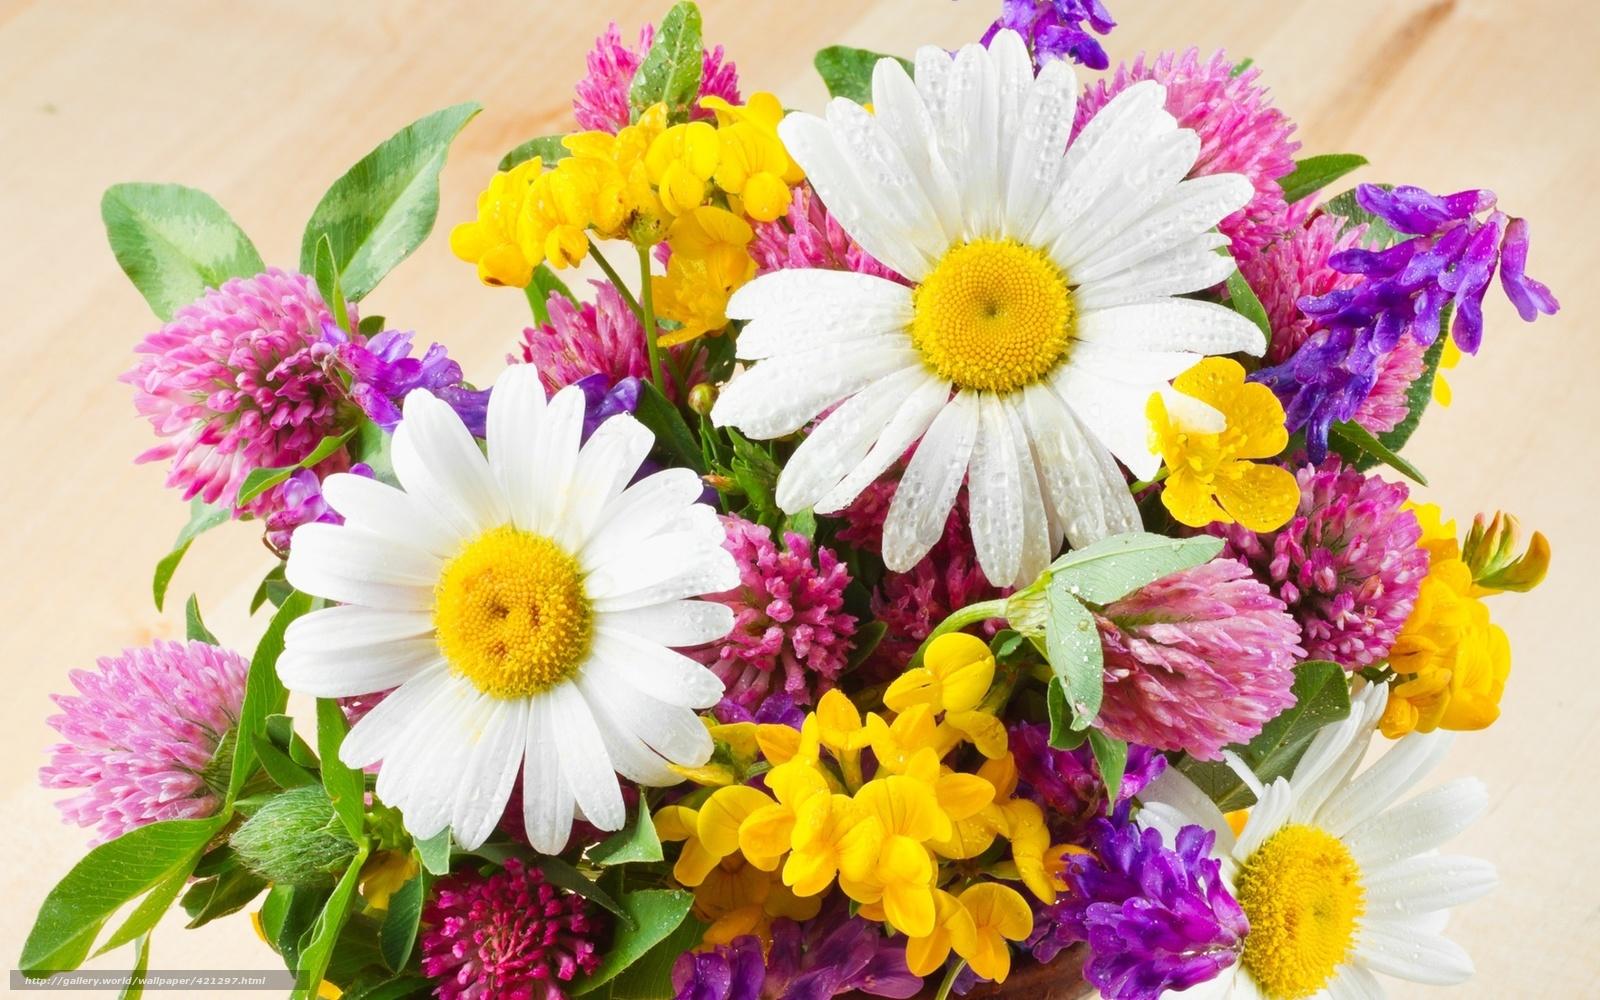 Ромашки букет клевер цветы желтые